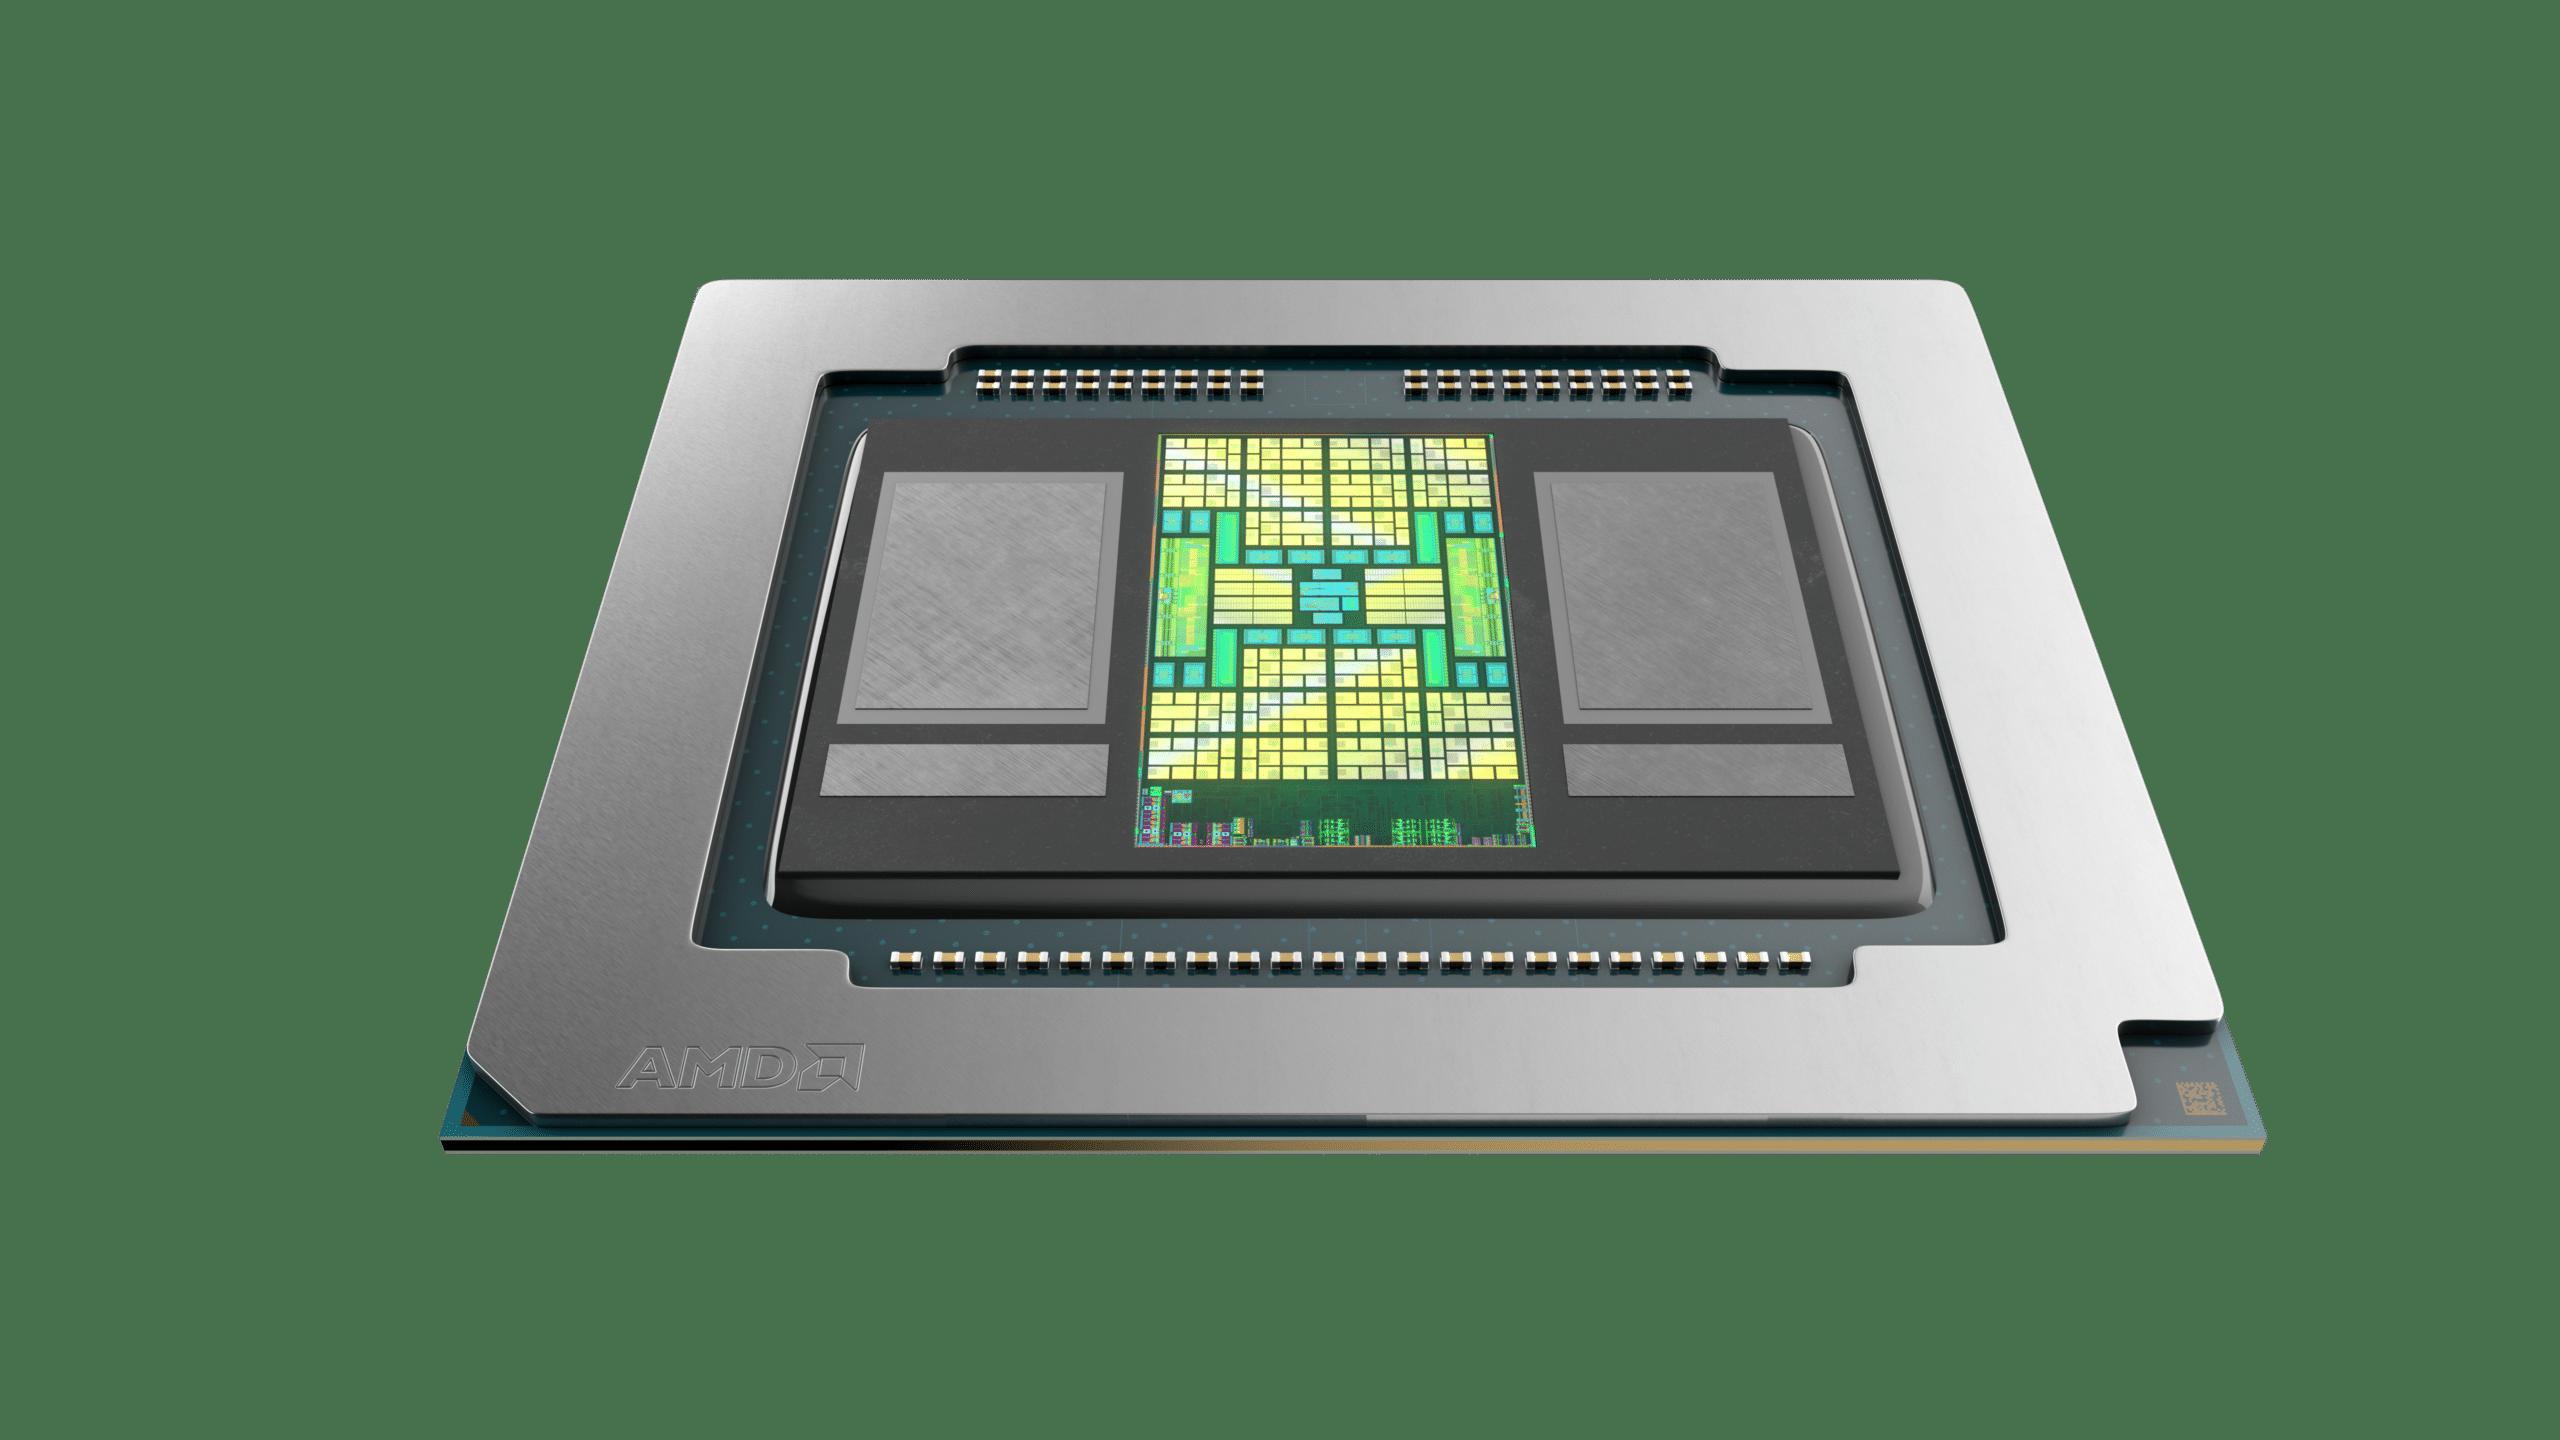 GPU - AMD Radeon Pro 5600M